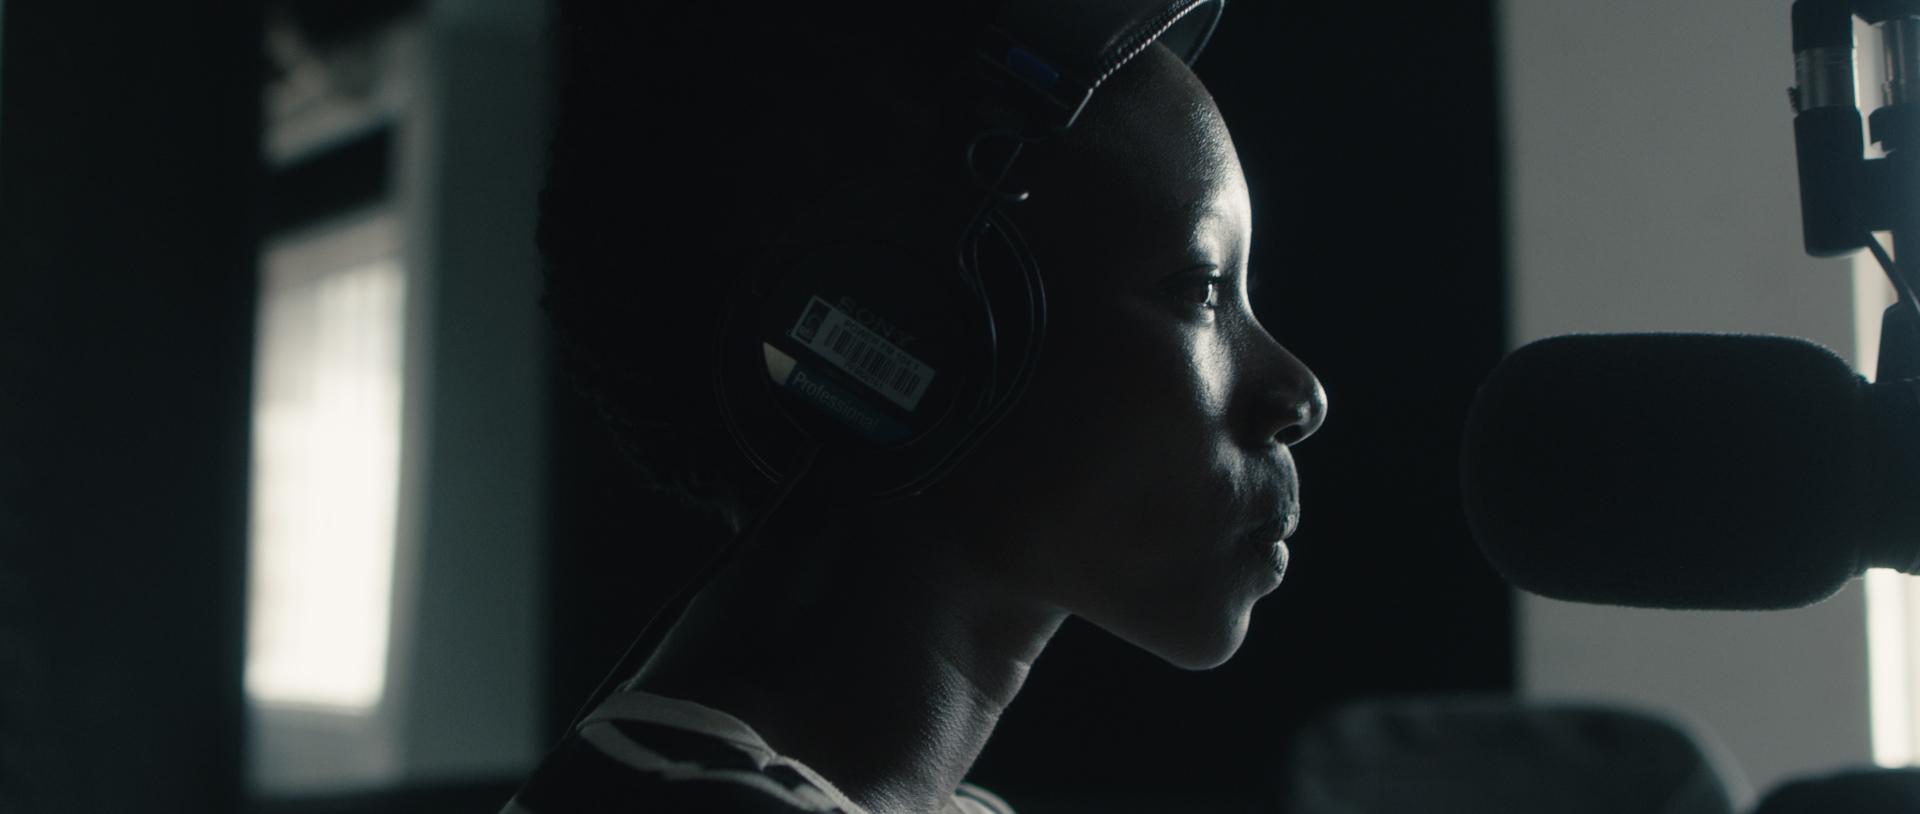 Uganda Day 1.13_16_26_10.Still142.jpg